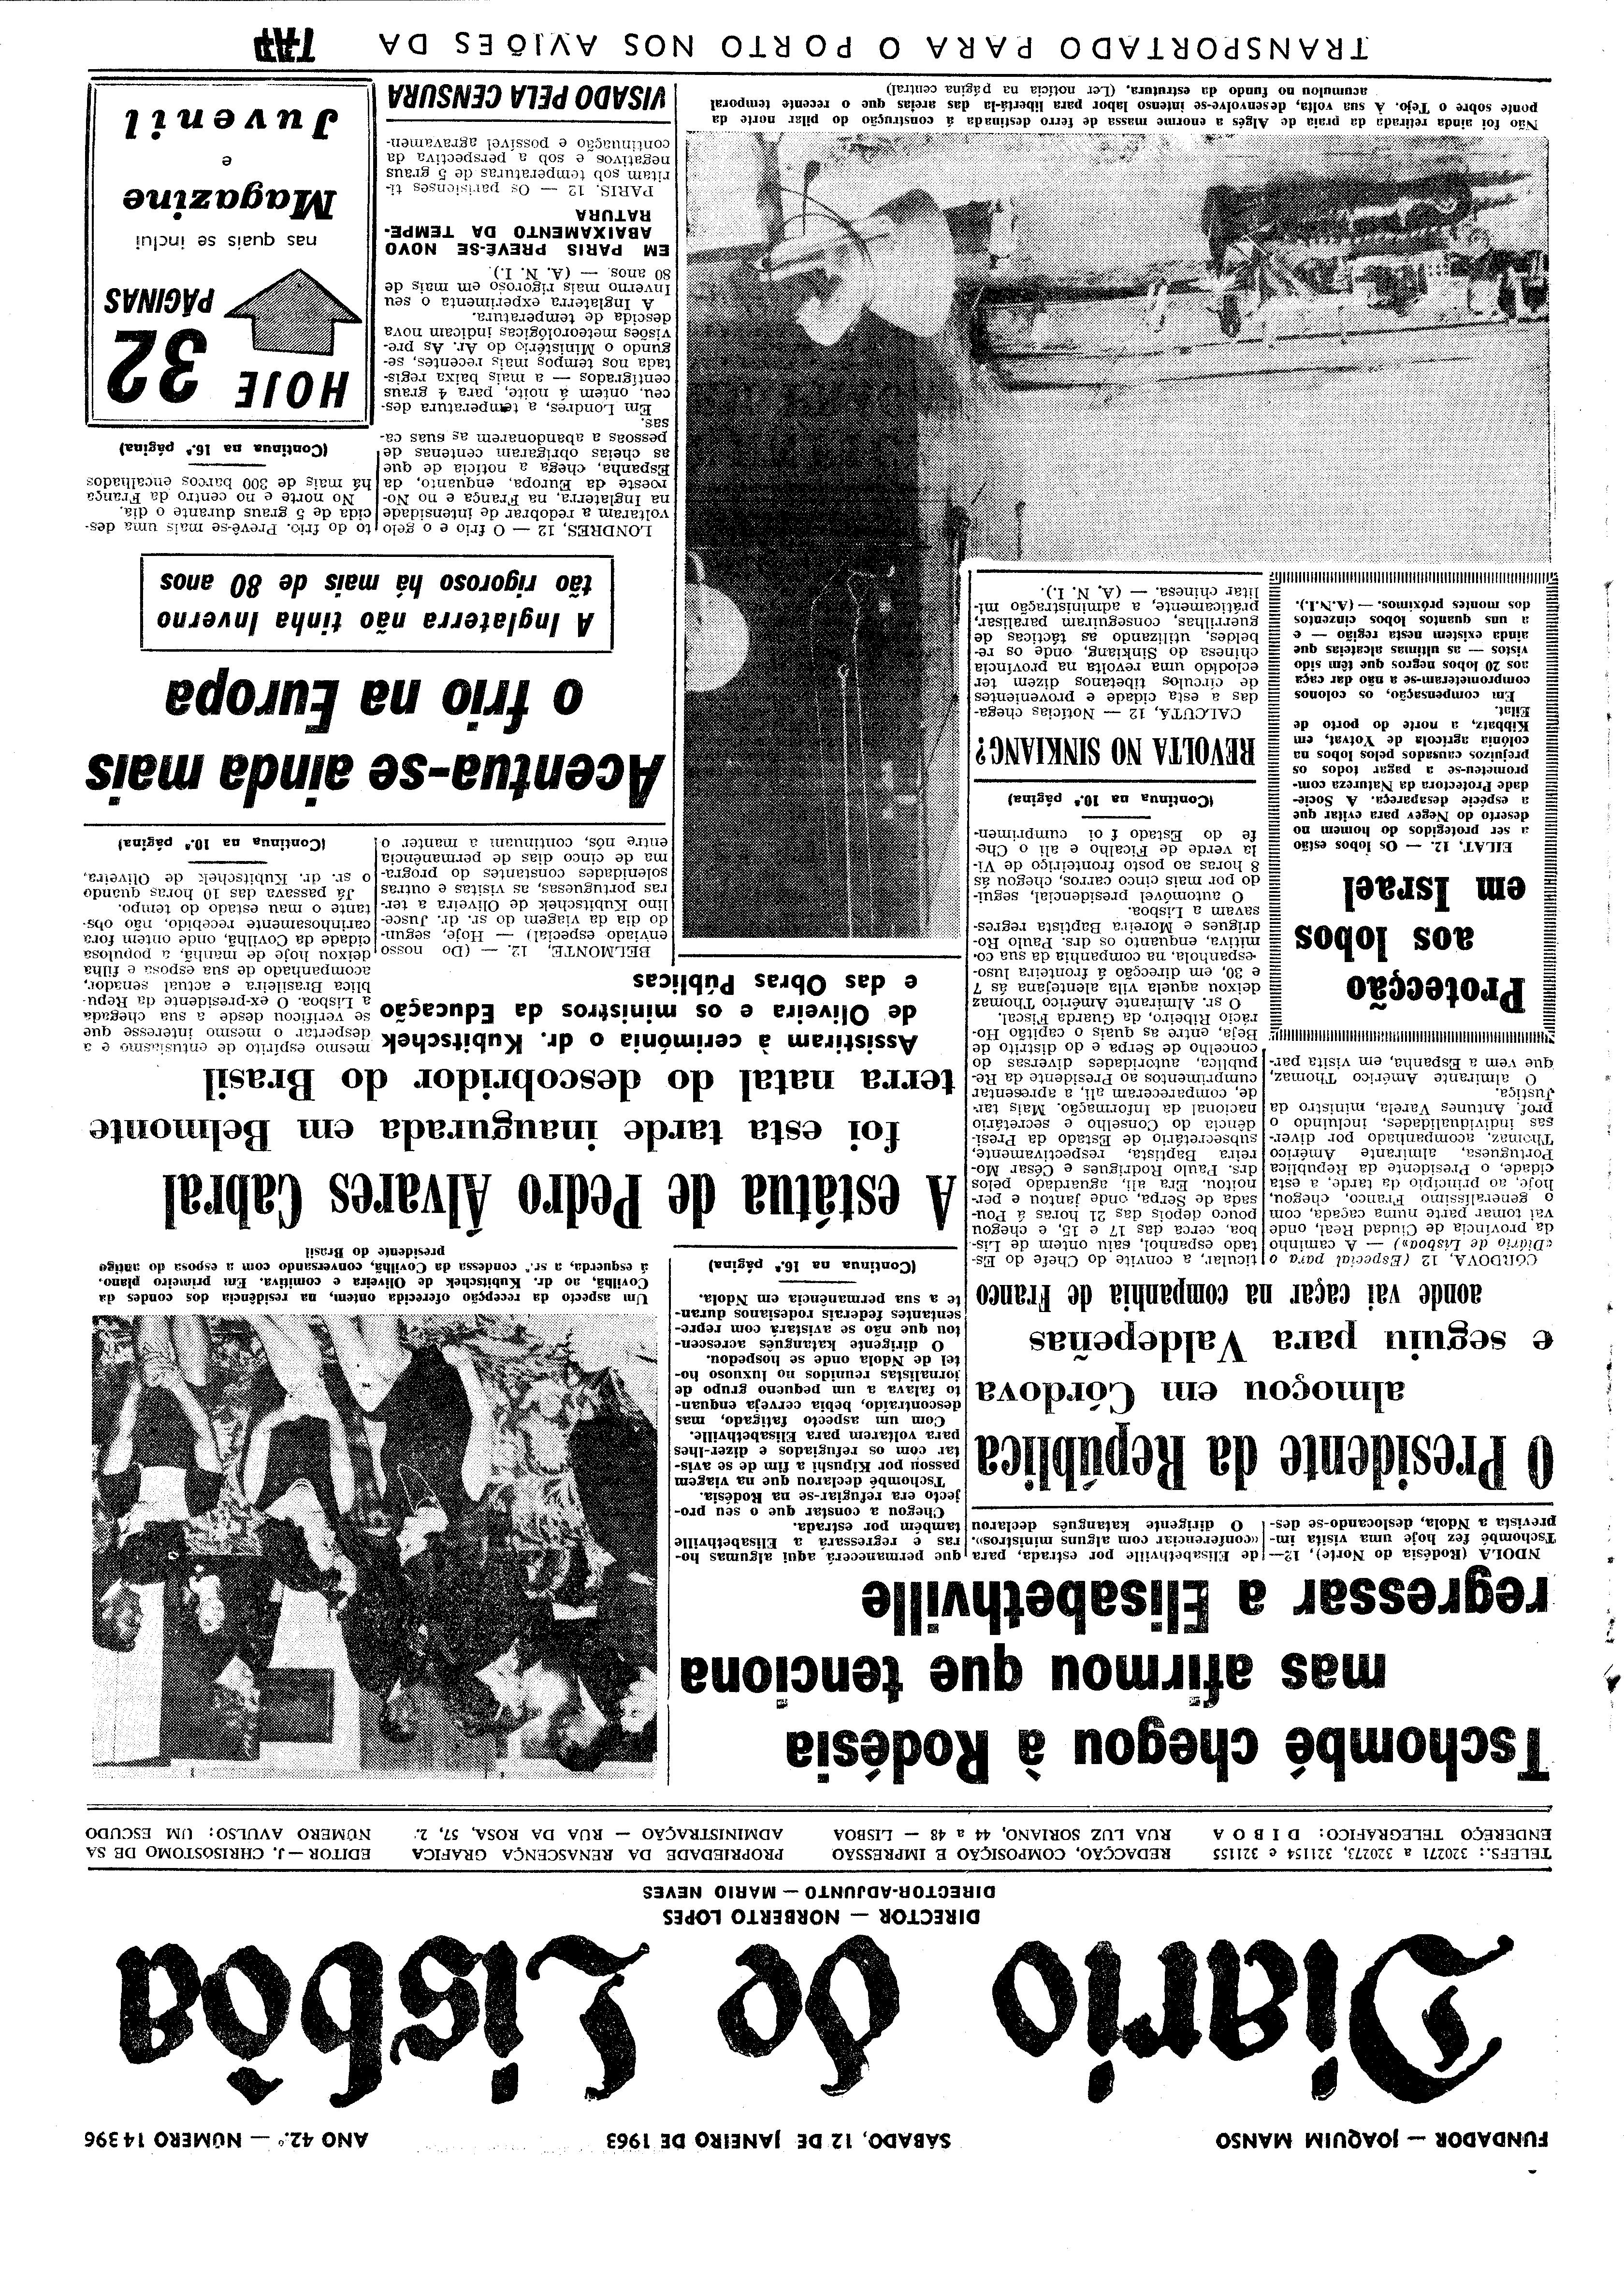 06547.085.18131- pag.1